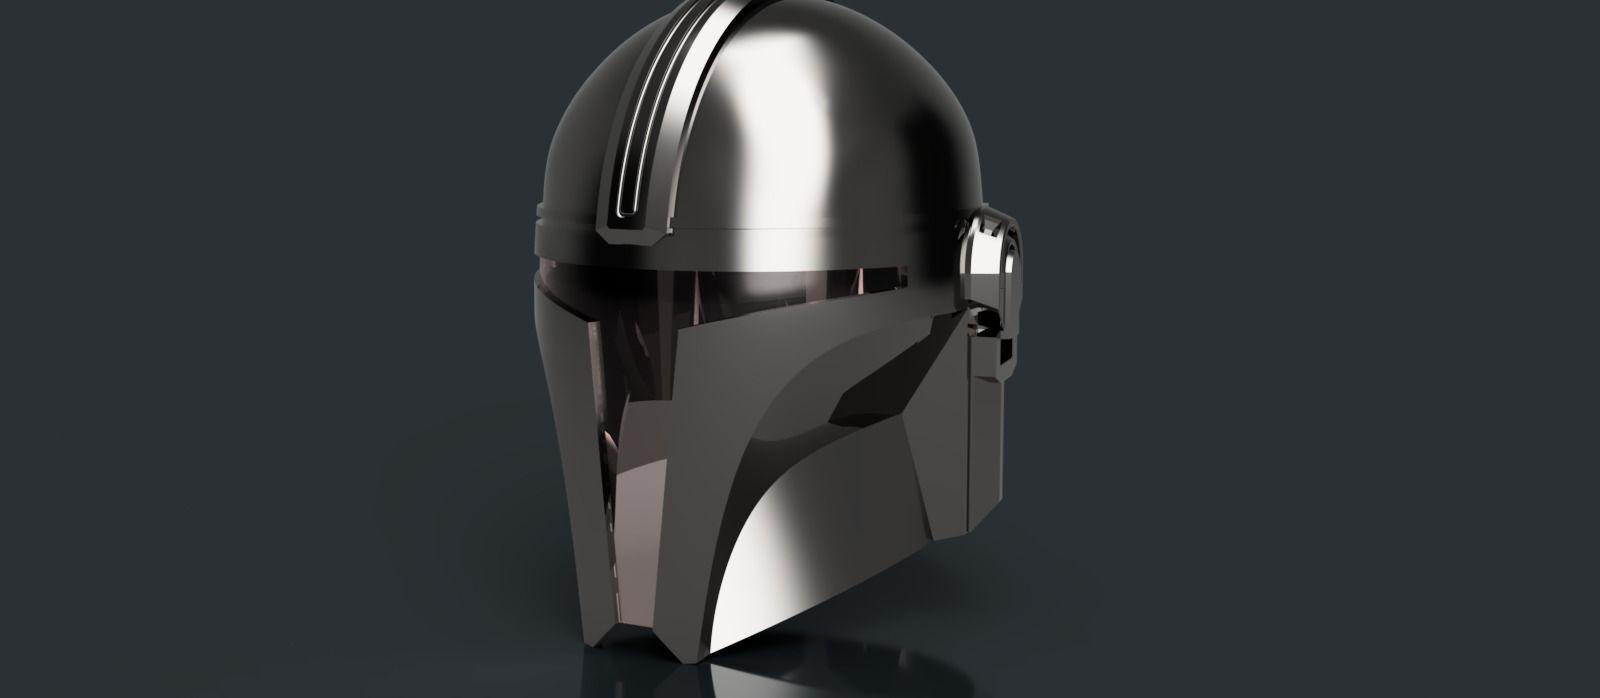 V3 Mandalorian helmet Star Wars